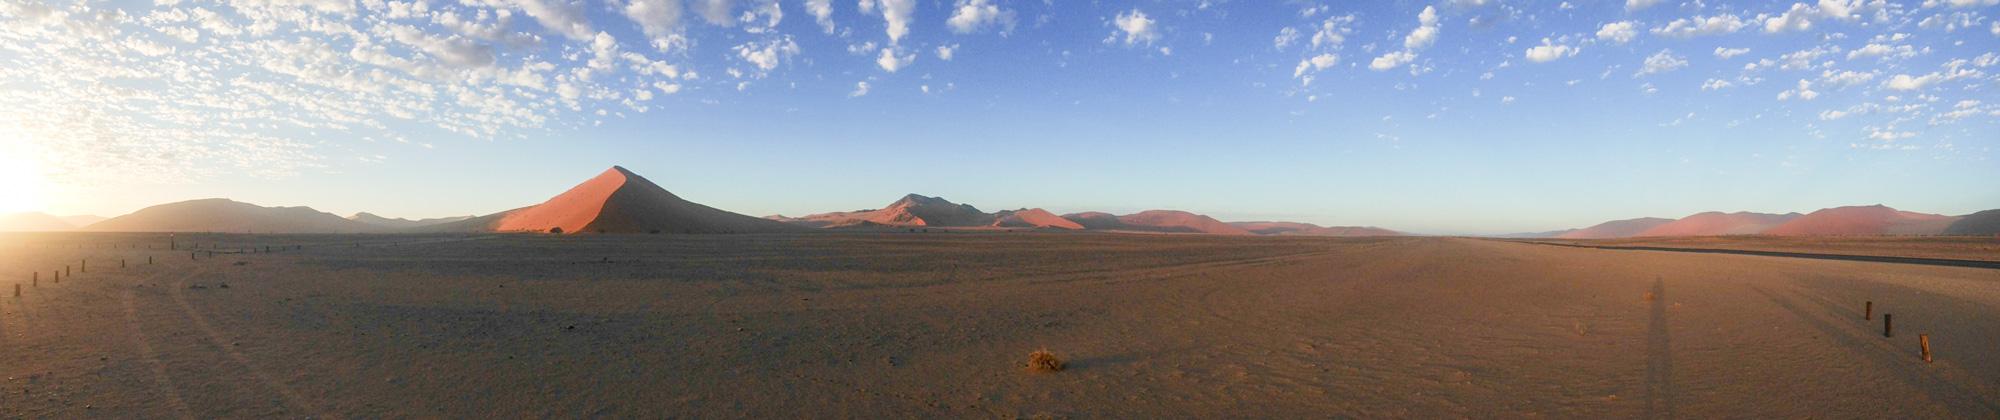 dune-panorama